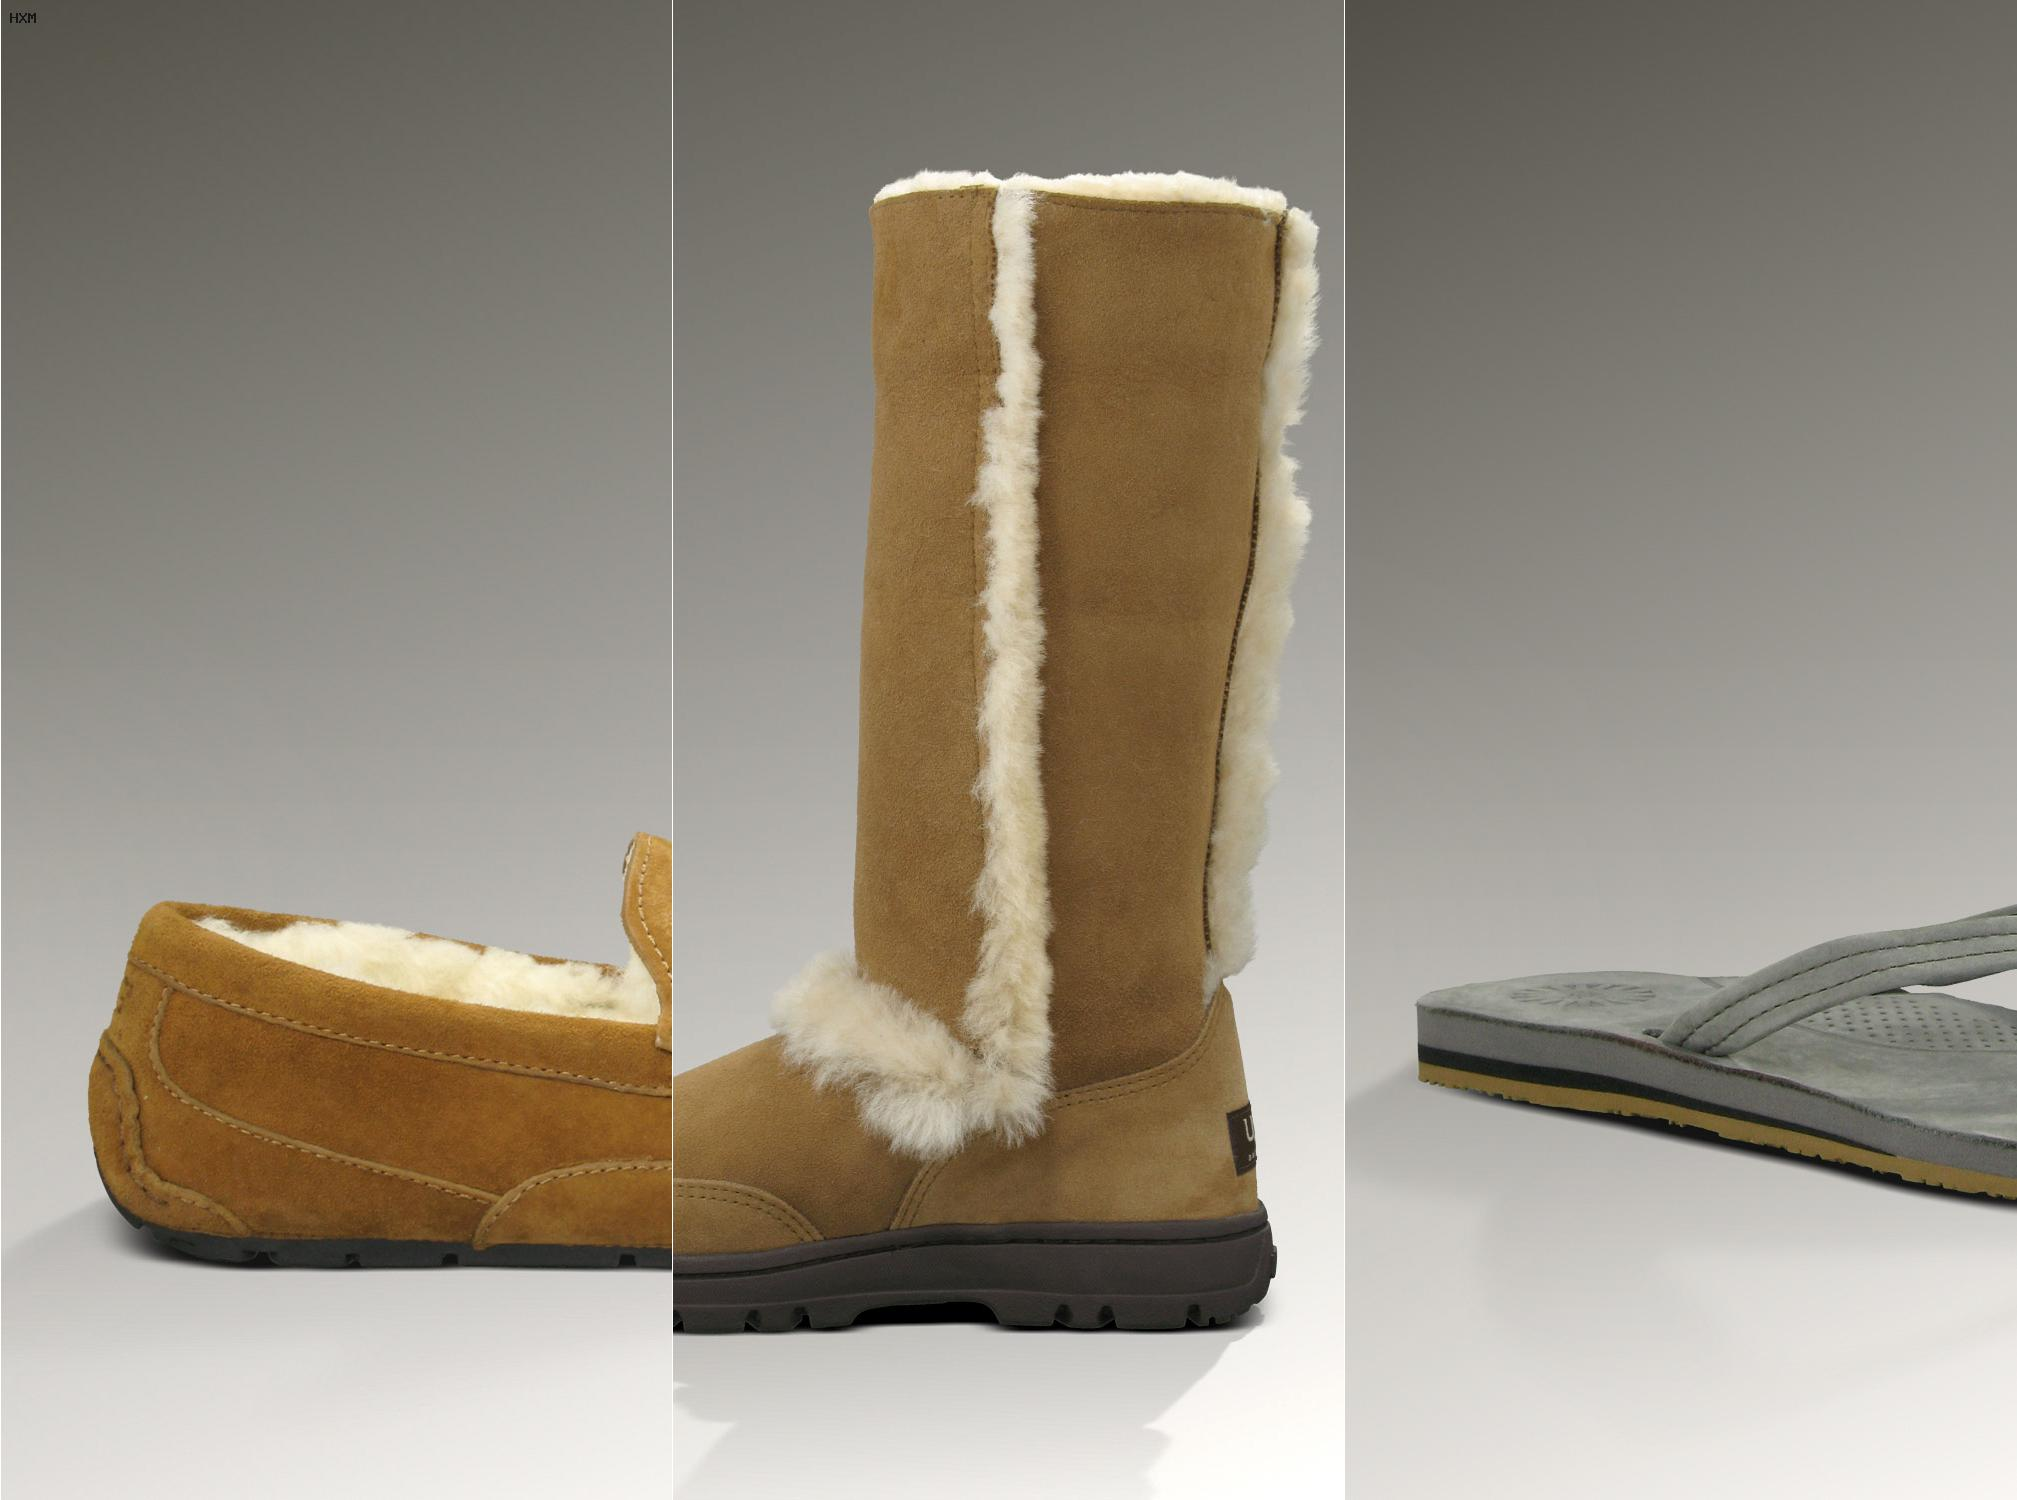 ugg australia boots prezzi